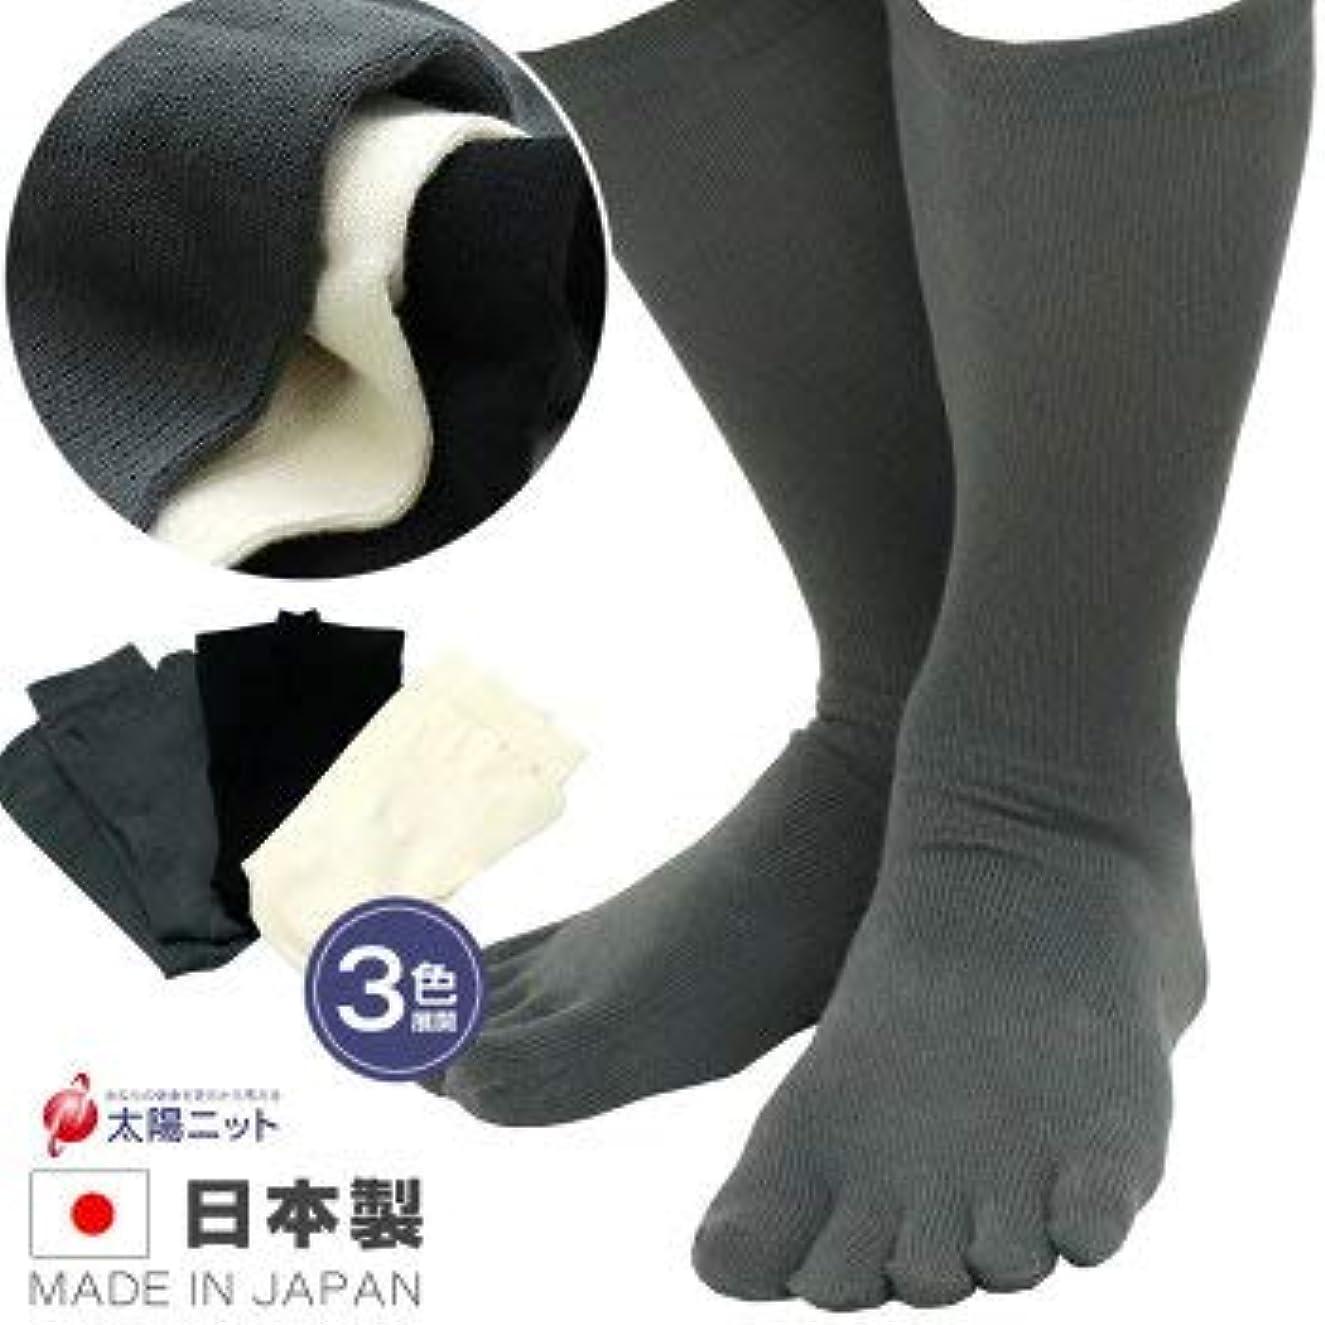 お祝い治療ハウス男性用 綿100% 5本指 靴下 におい ムレ 対策 24-26㎝ 太陽ニッ ト321 (グレー)